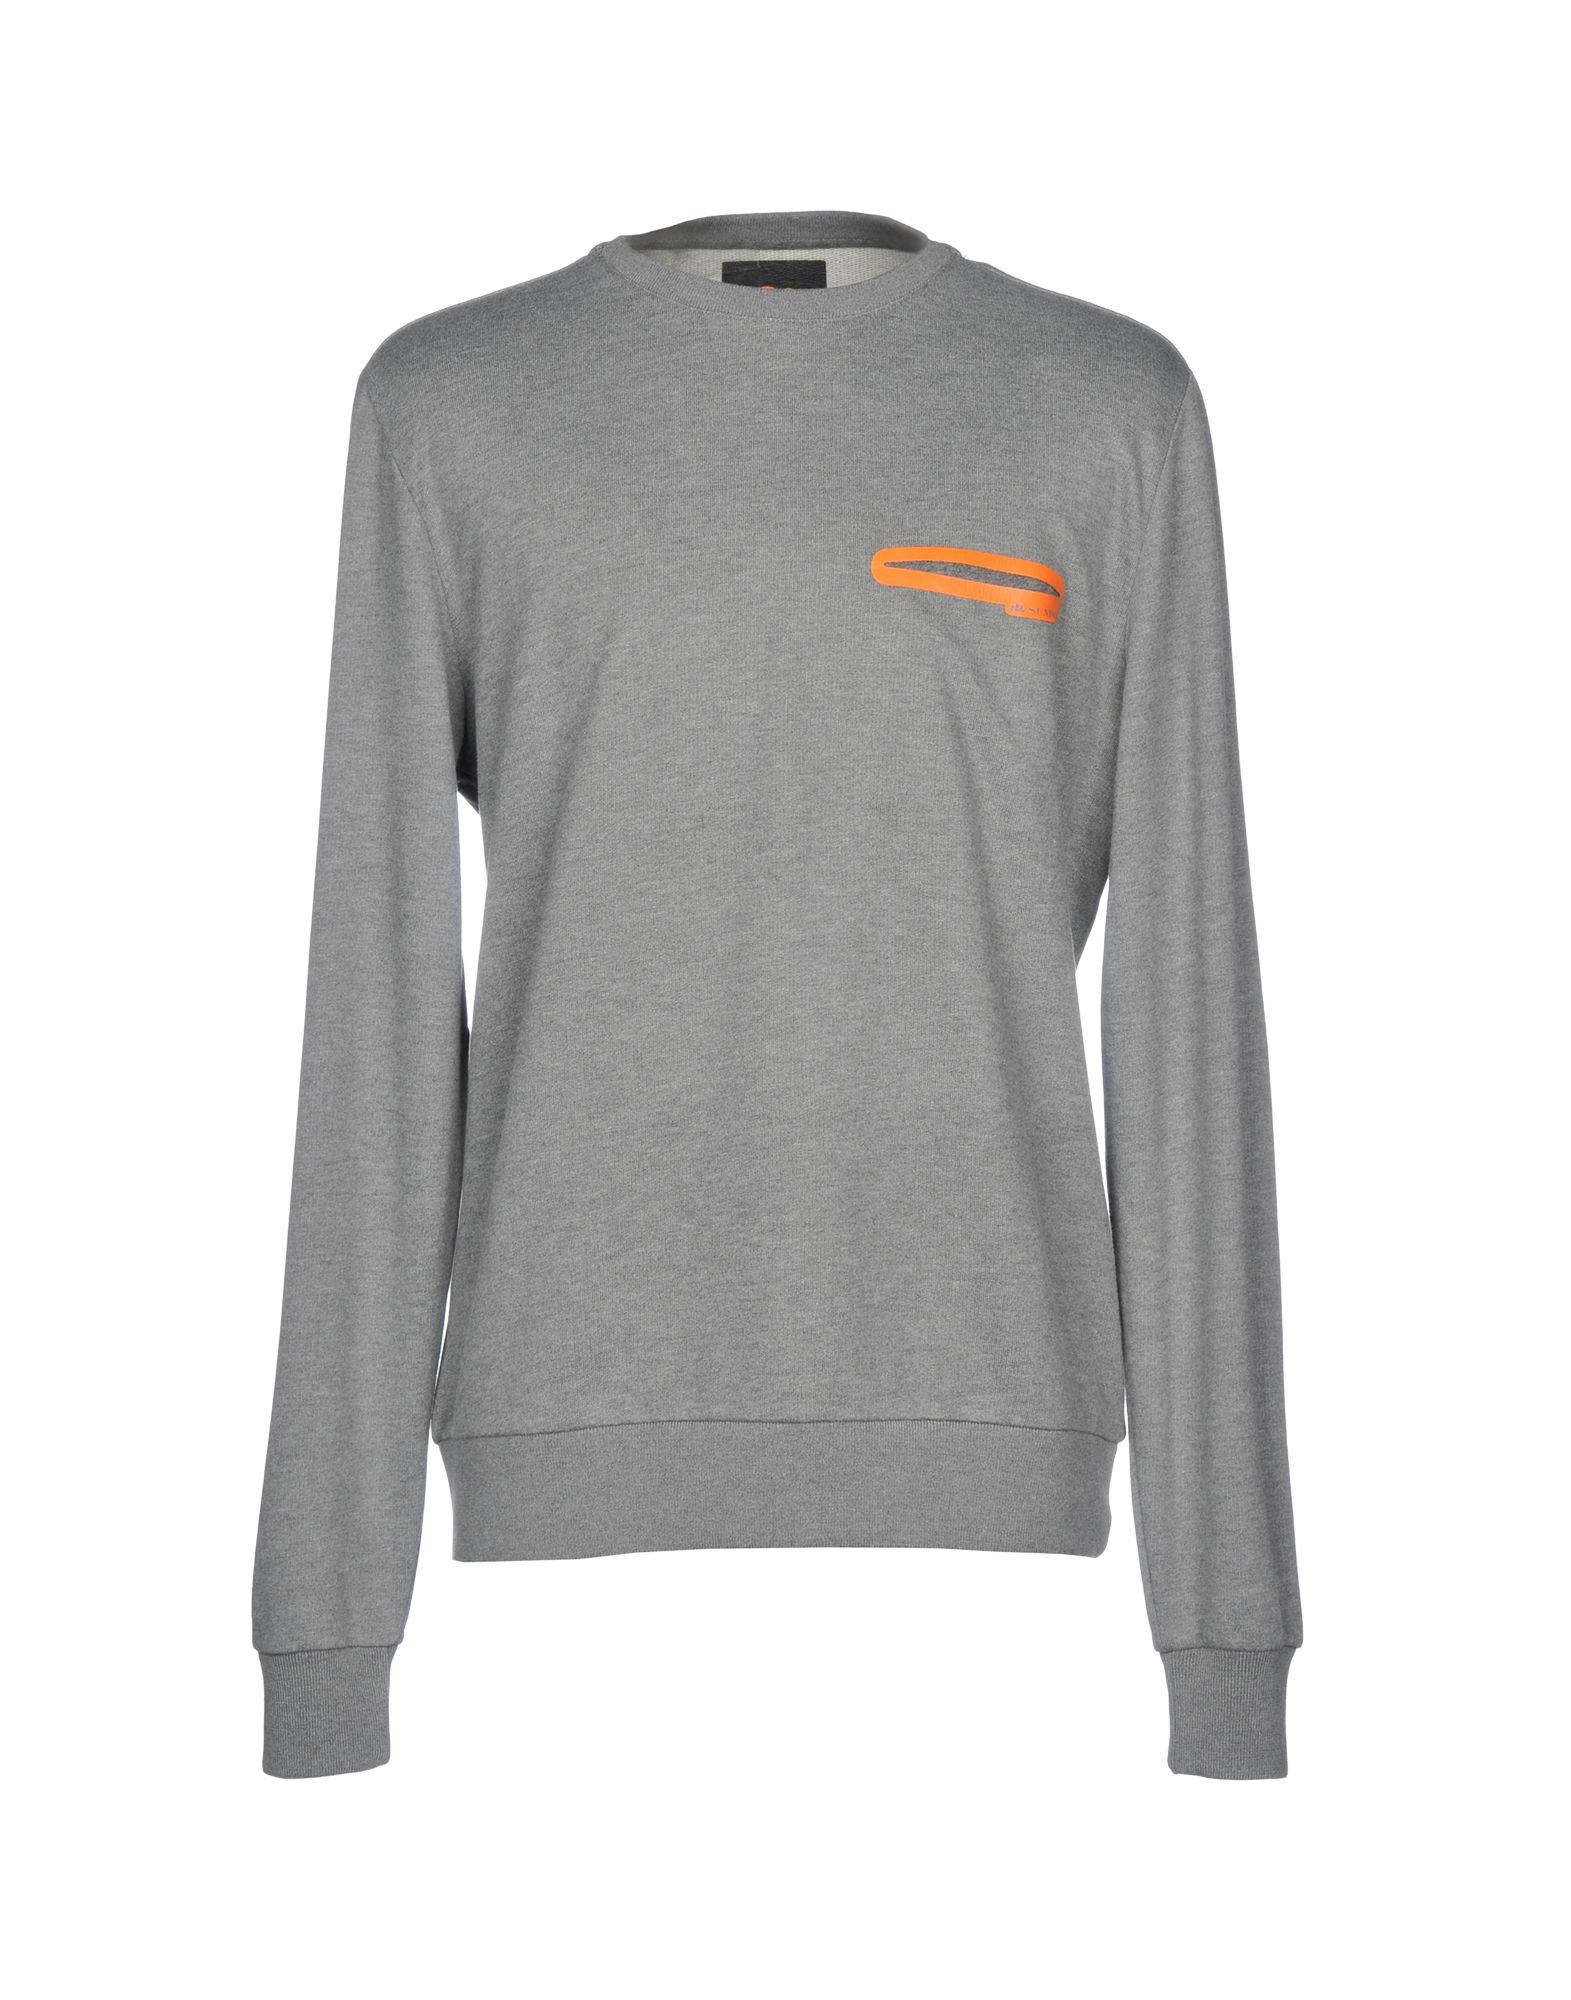 SUNDEK Sweatshirt in Light Grey